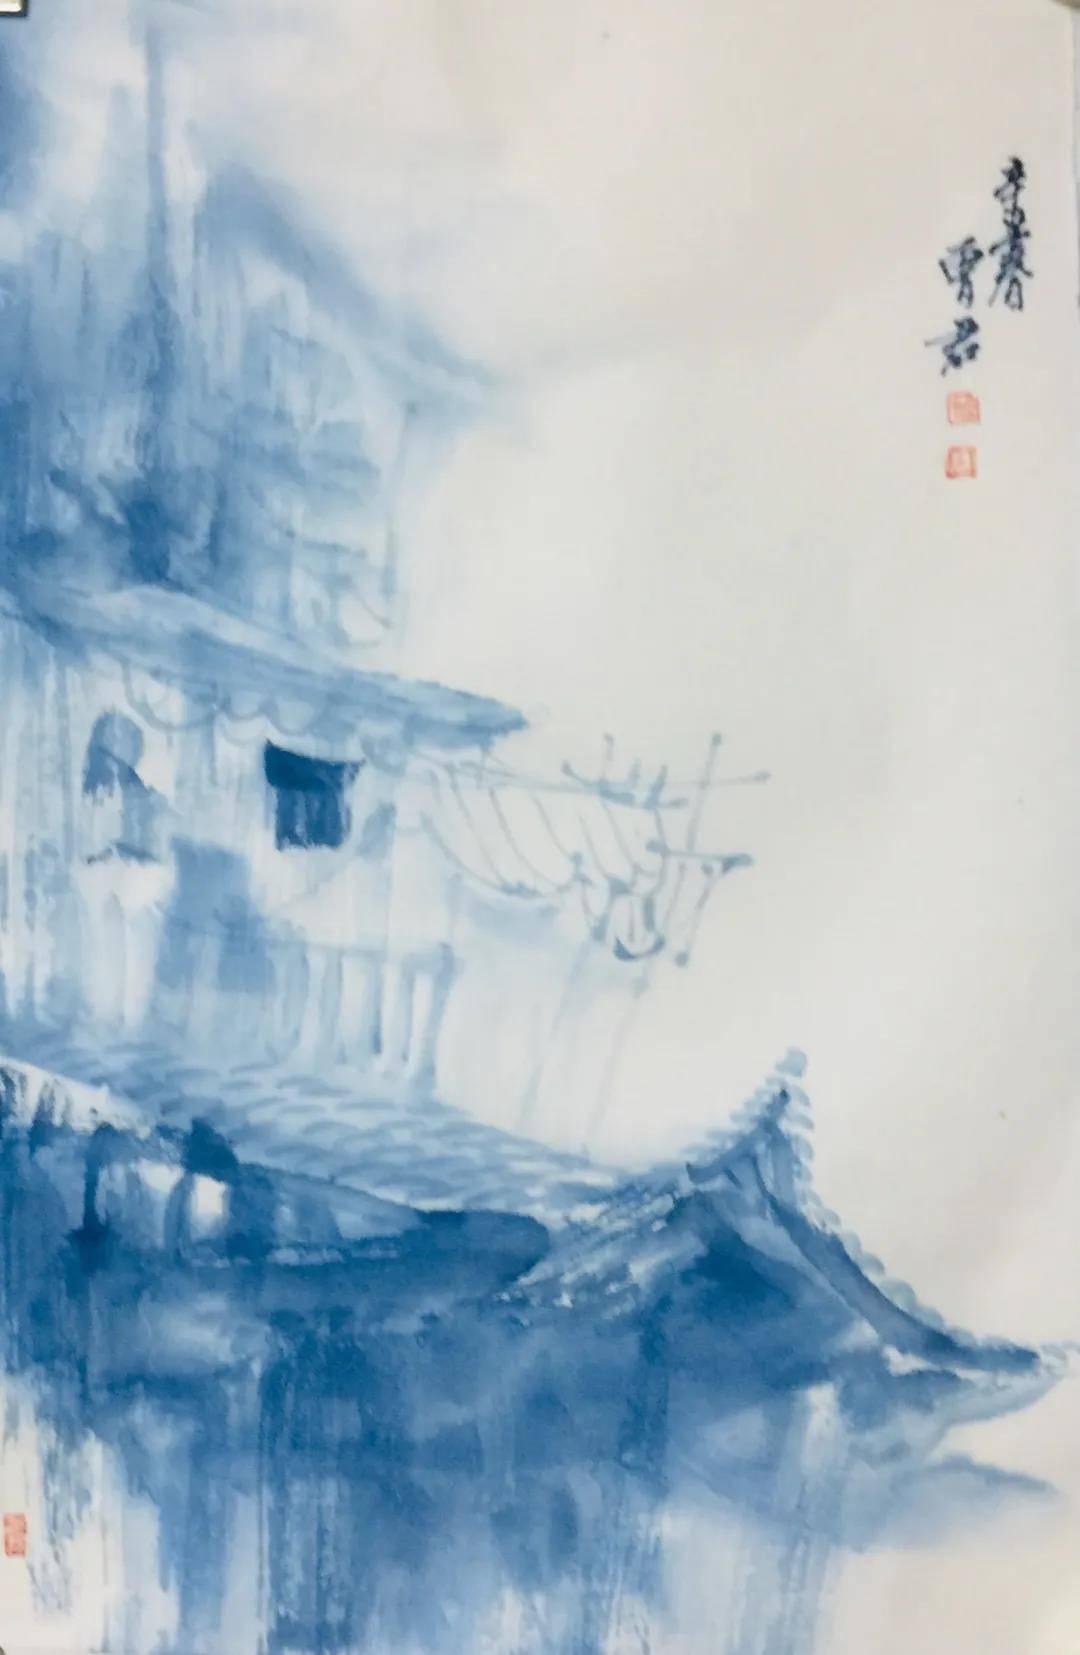 相约中国唯美艺术南子 相约中国唯美拍在线摄